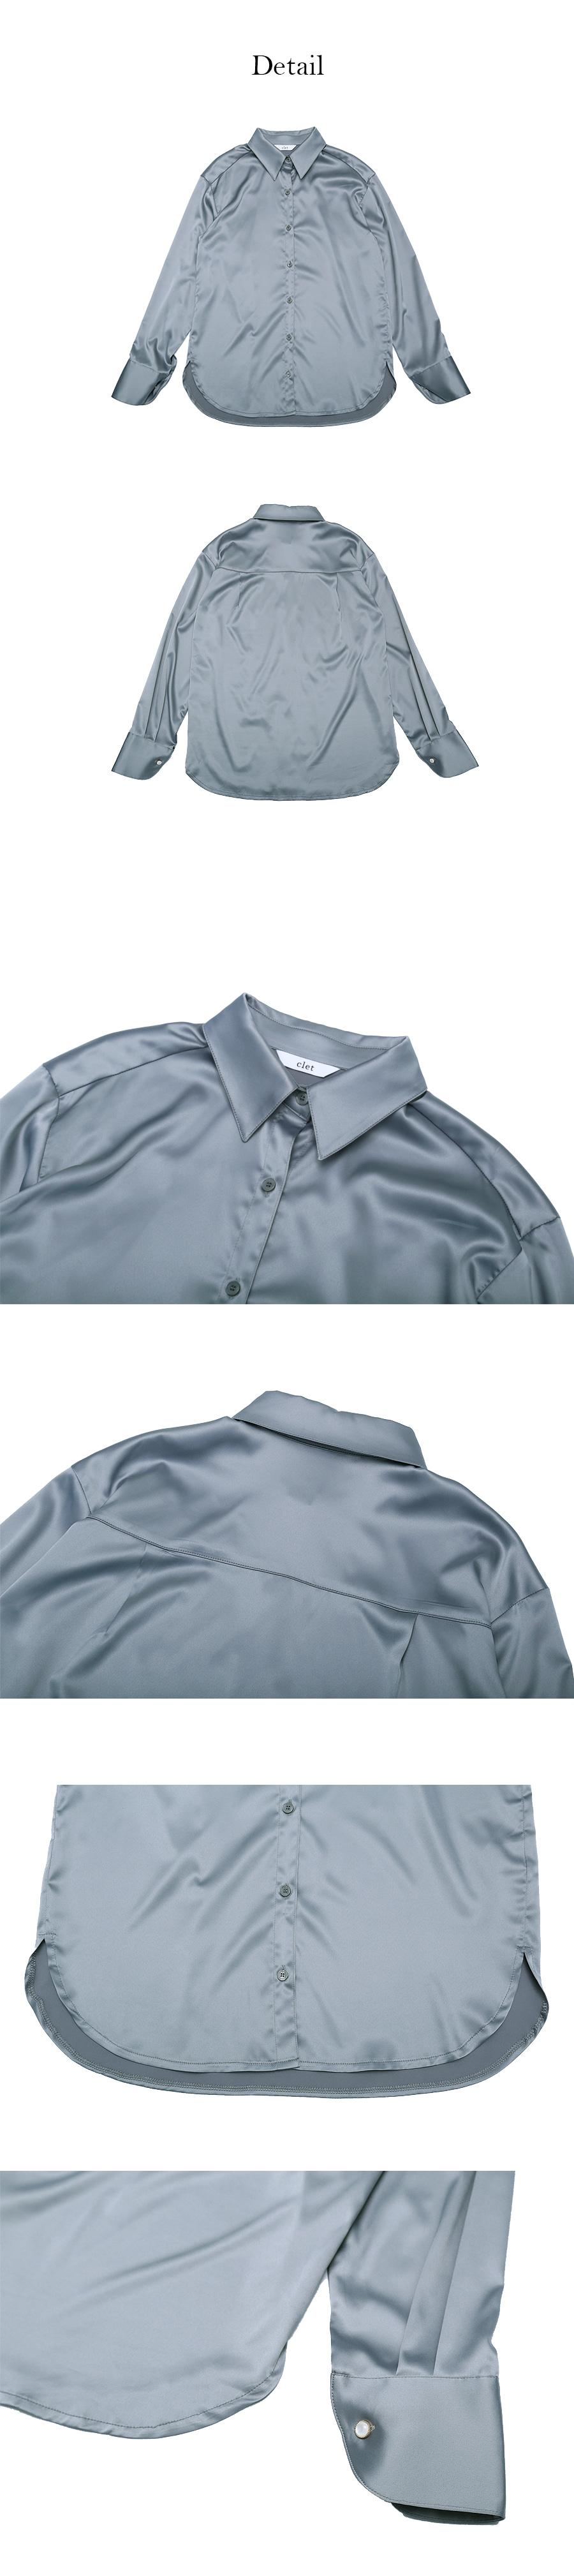 클렛(CLET) 스탠다드 셔츠 블라우스 (그린)